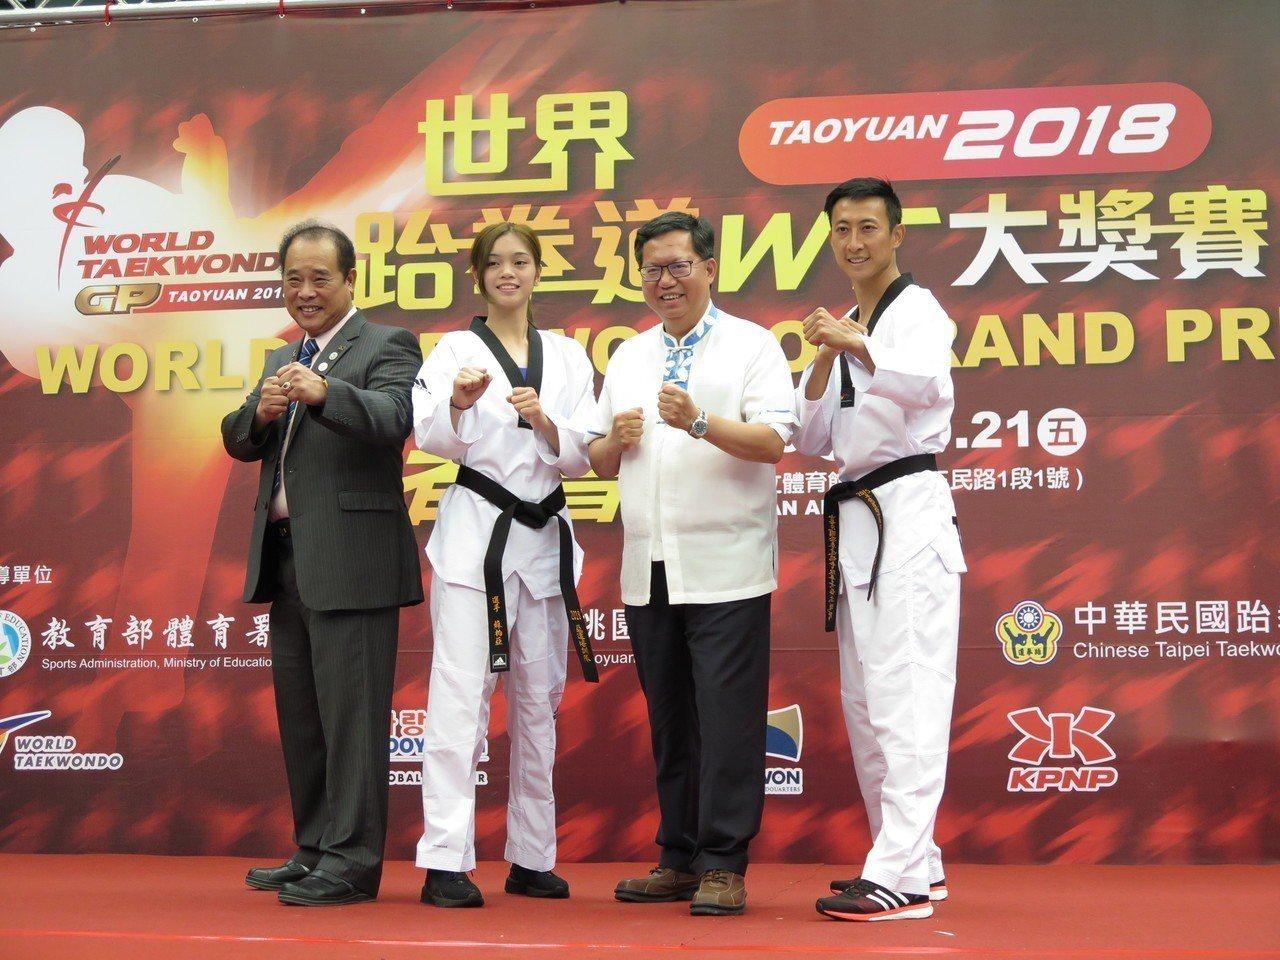 台灣首度舉辦世界跆拳道大獎賽,19日起一連3天在桃園巨蛋登場,今邀來桃園子弟雅典...